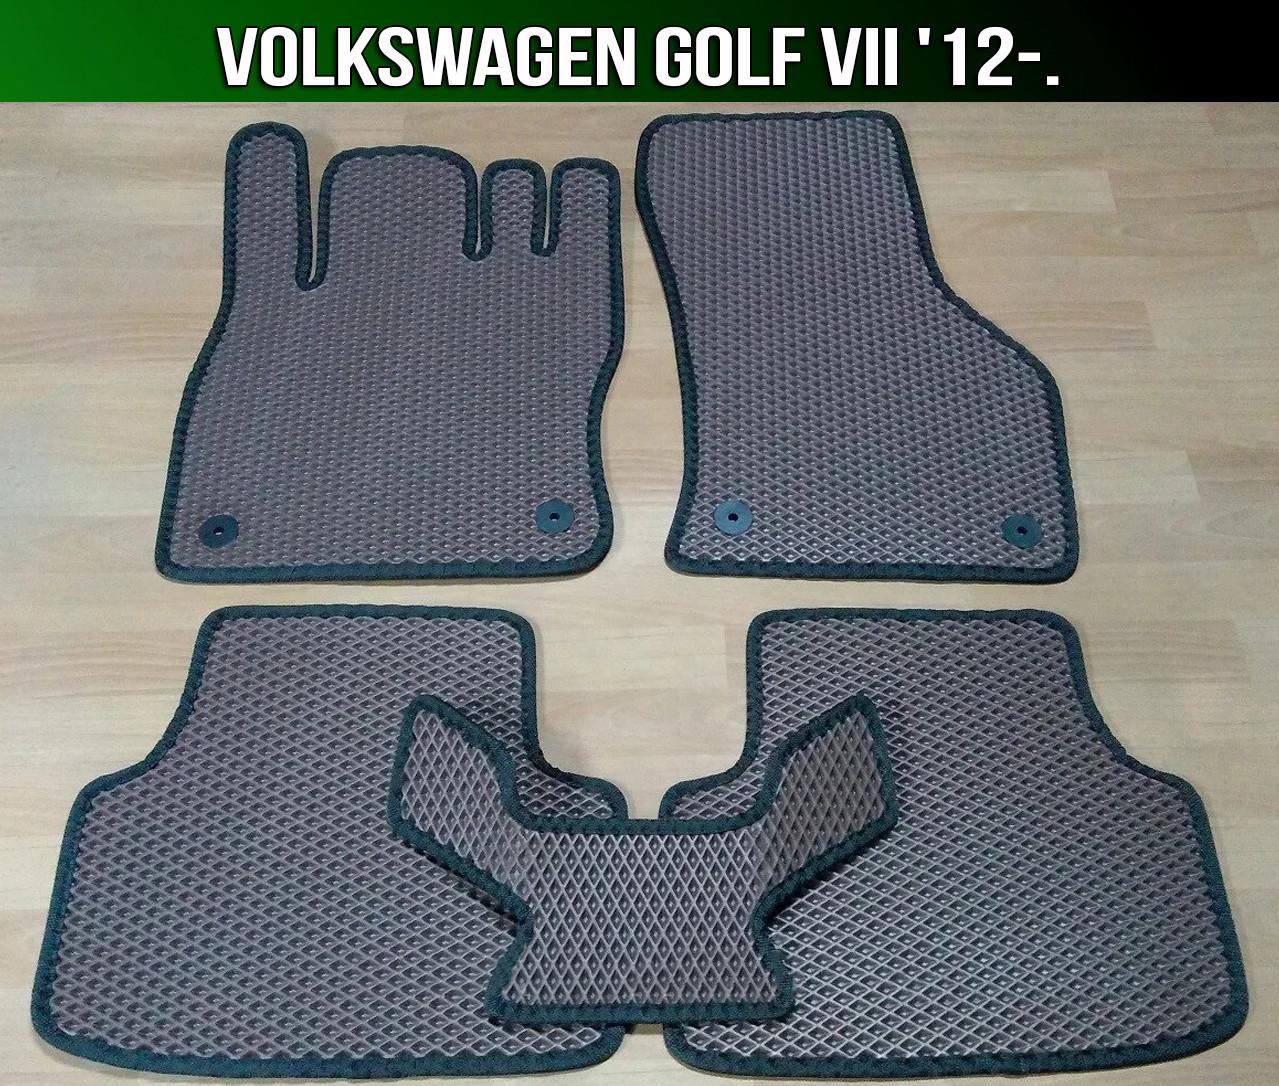 ЕВА коврики на Volkswagen Golf VII '12-. Ковры EVA Фольксваген Гольф 7 Фольцваген